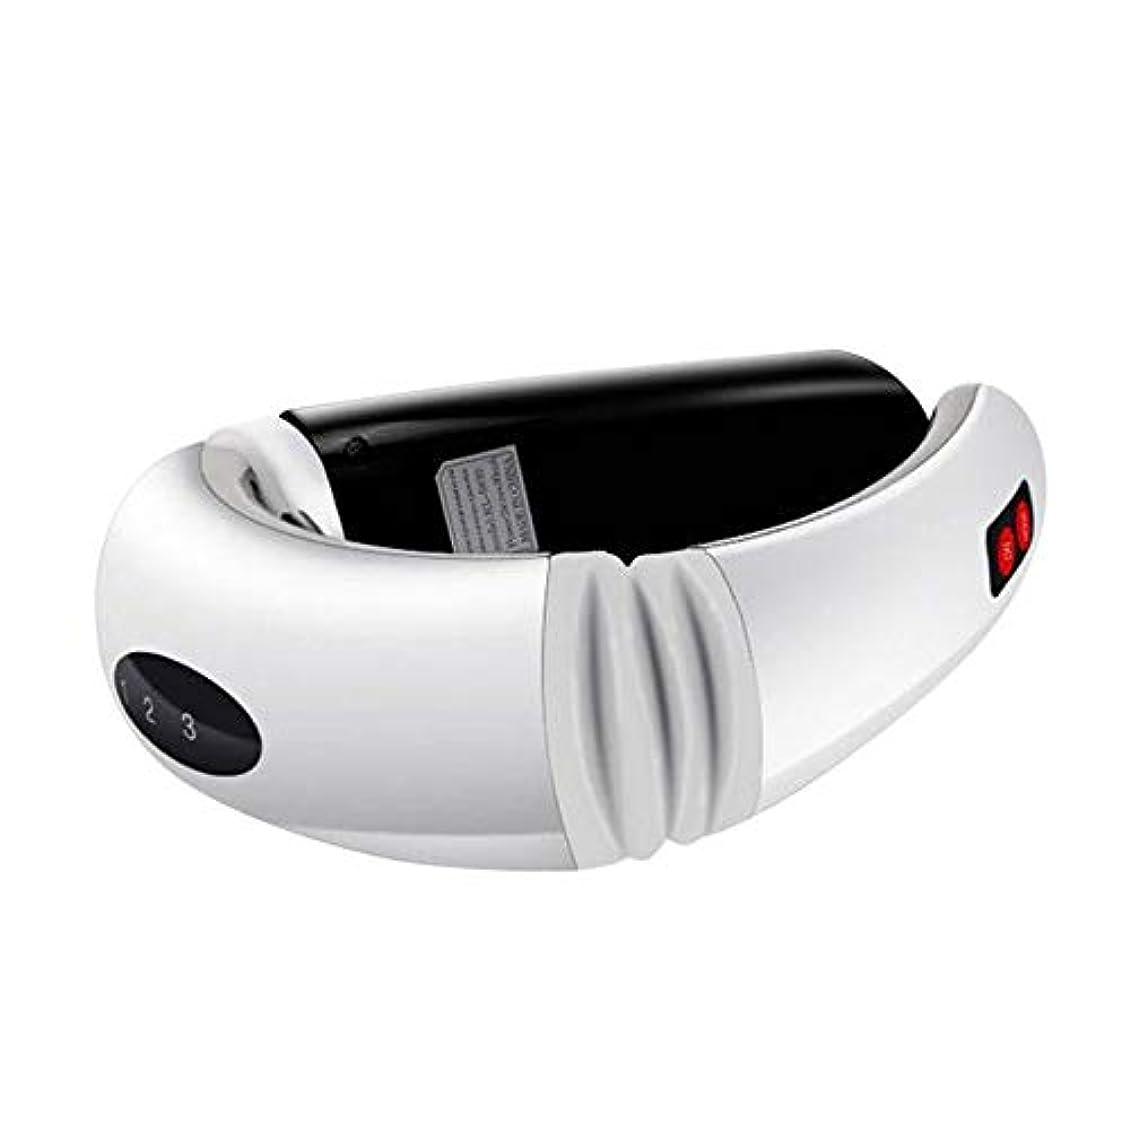 トリッキー批判する磁気首のマッサージャー電気USB再充電可能な子宮頸マッサージャーは、痛みの痛みの筋肉を取り除く車のオフィスとホームホワイト